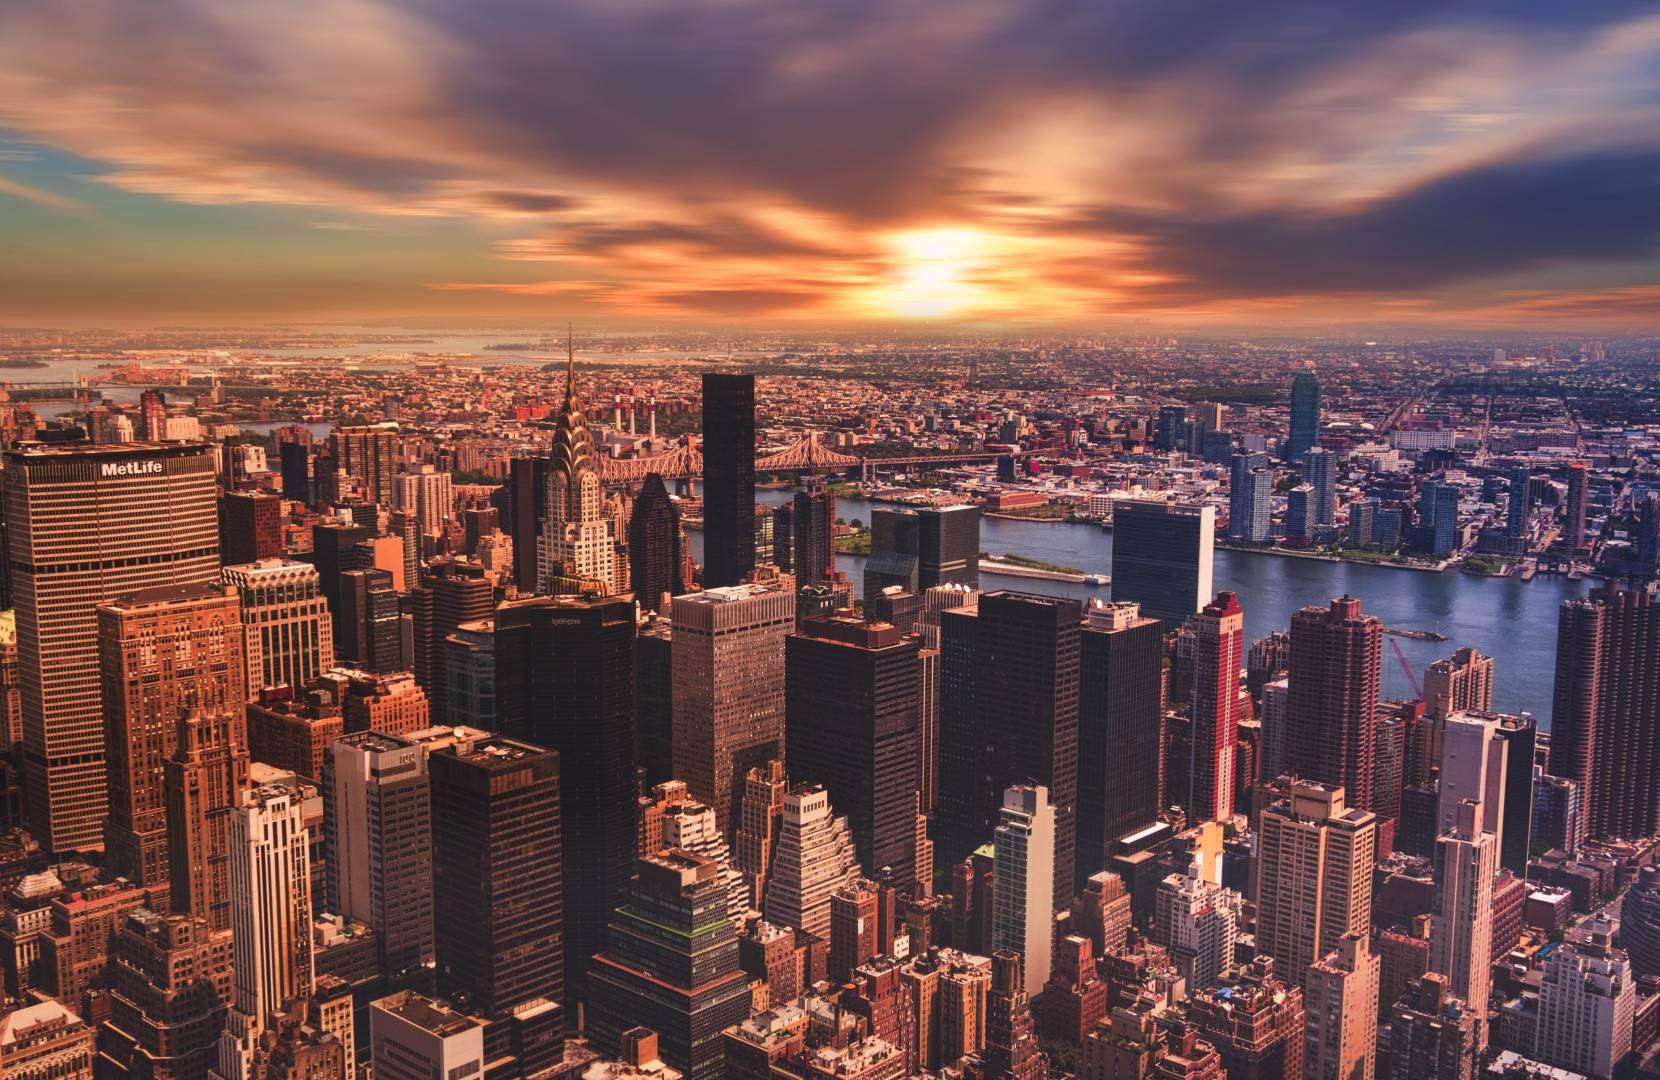 Ню Йорк, Ню Йорк... Как да посетя Ню Йорк, градът на голямата ябълка, виза за САЩ, самолетни билети за САЩ и всичко необходимо?